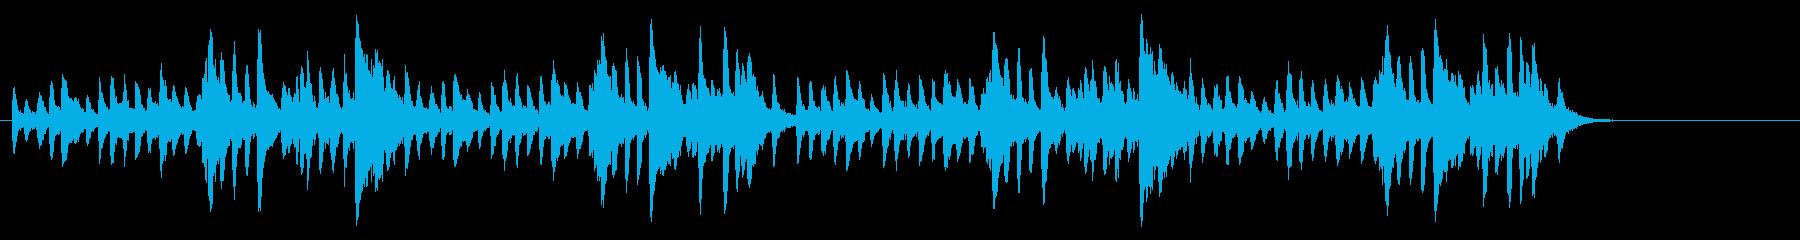 ソナチネよりロンド(ベートーヴェン)の再生済みの波形